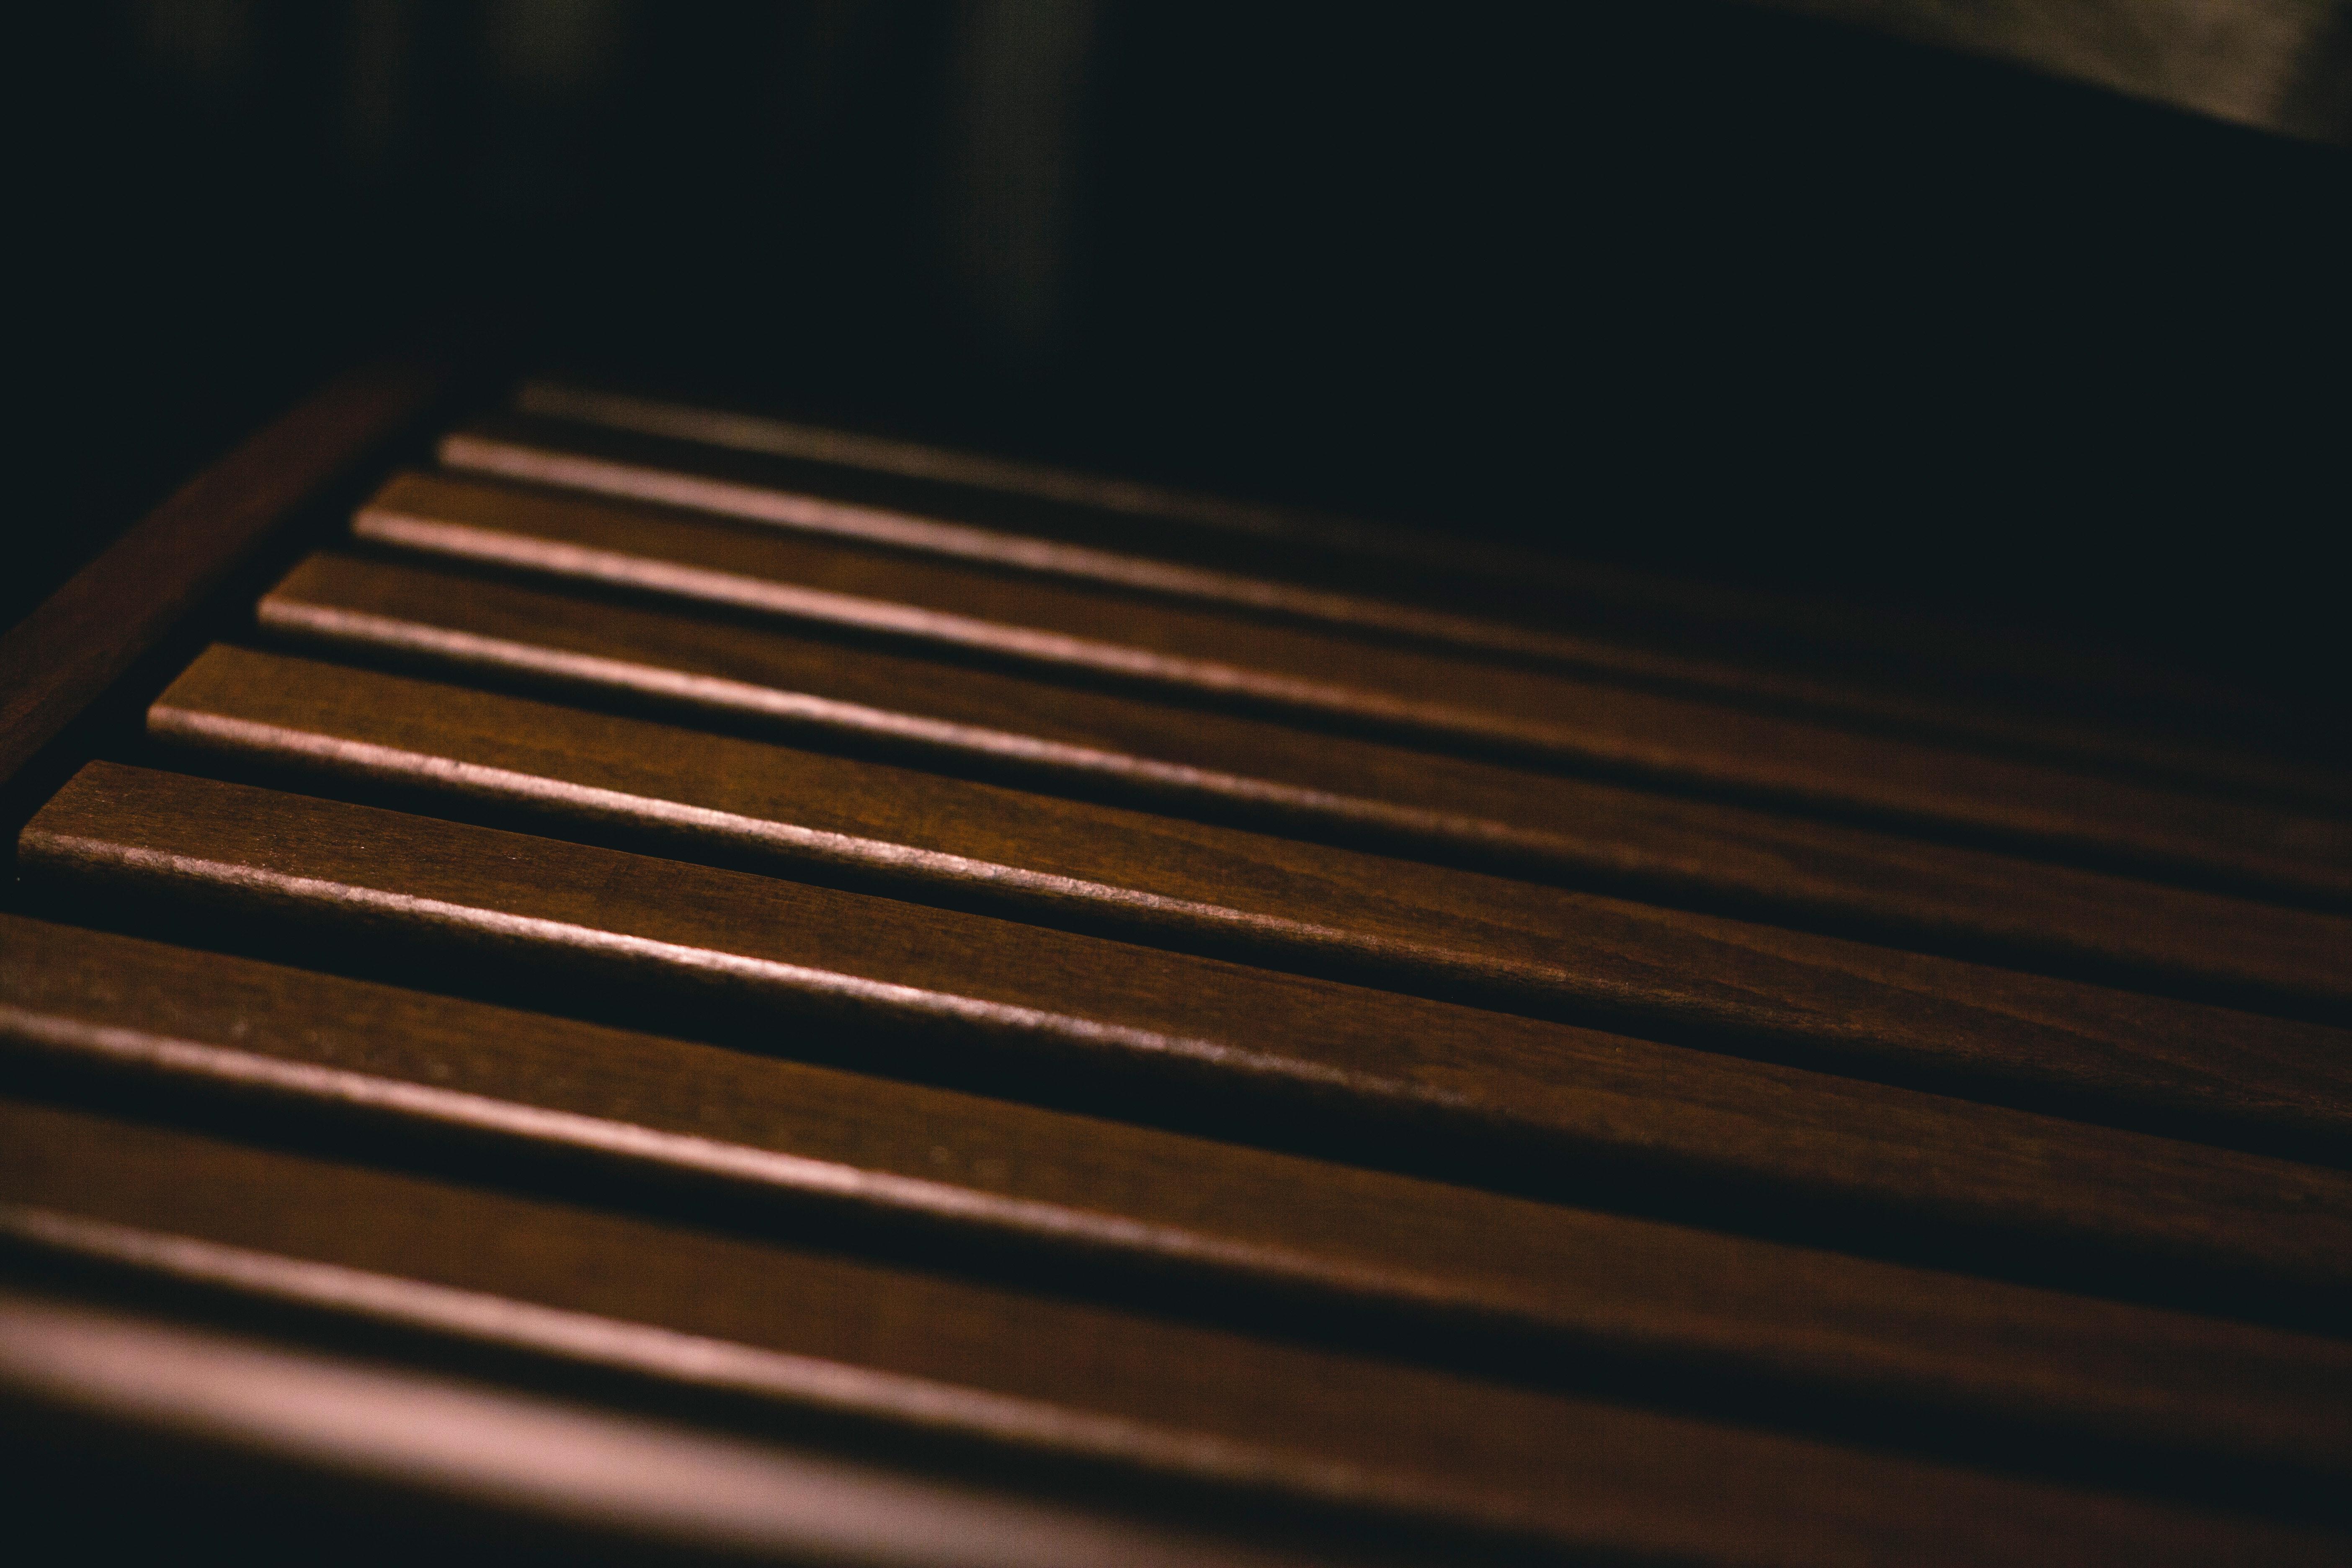 950+ Kursi Kayu Warna Coklat Gratis Terbaik